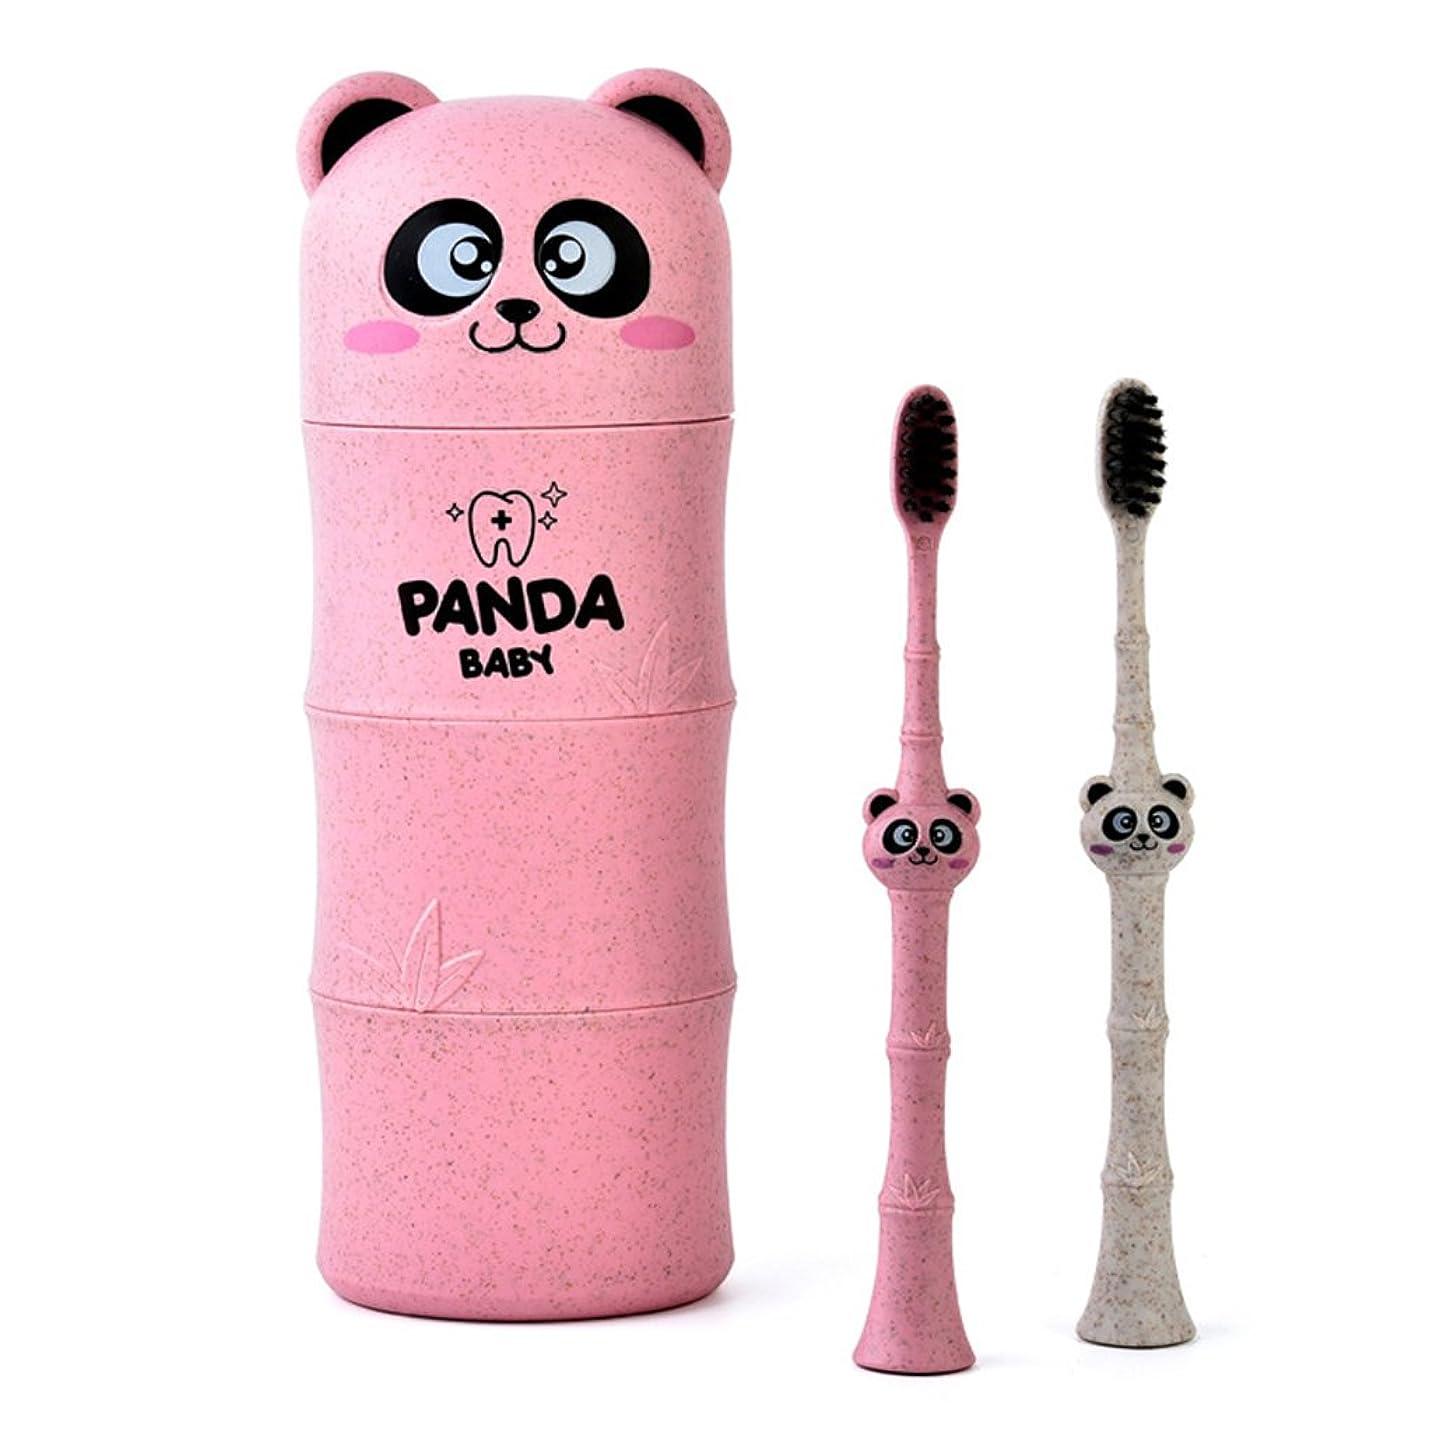 難破船重要ボンドManyao 1セットベビー歯ブラシ小麦ストロー漫画パンダ幼児子供歯科口腔ケア (ピンク)